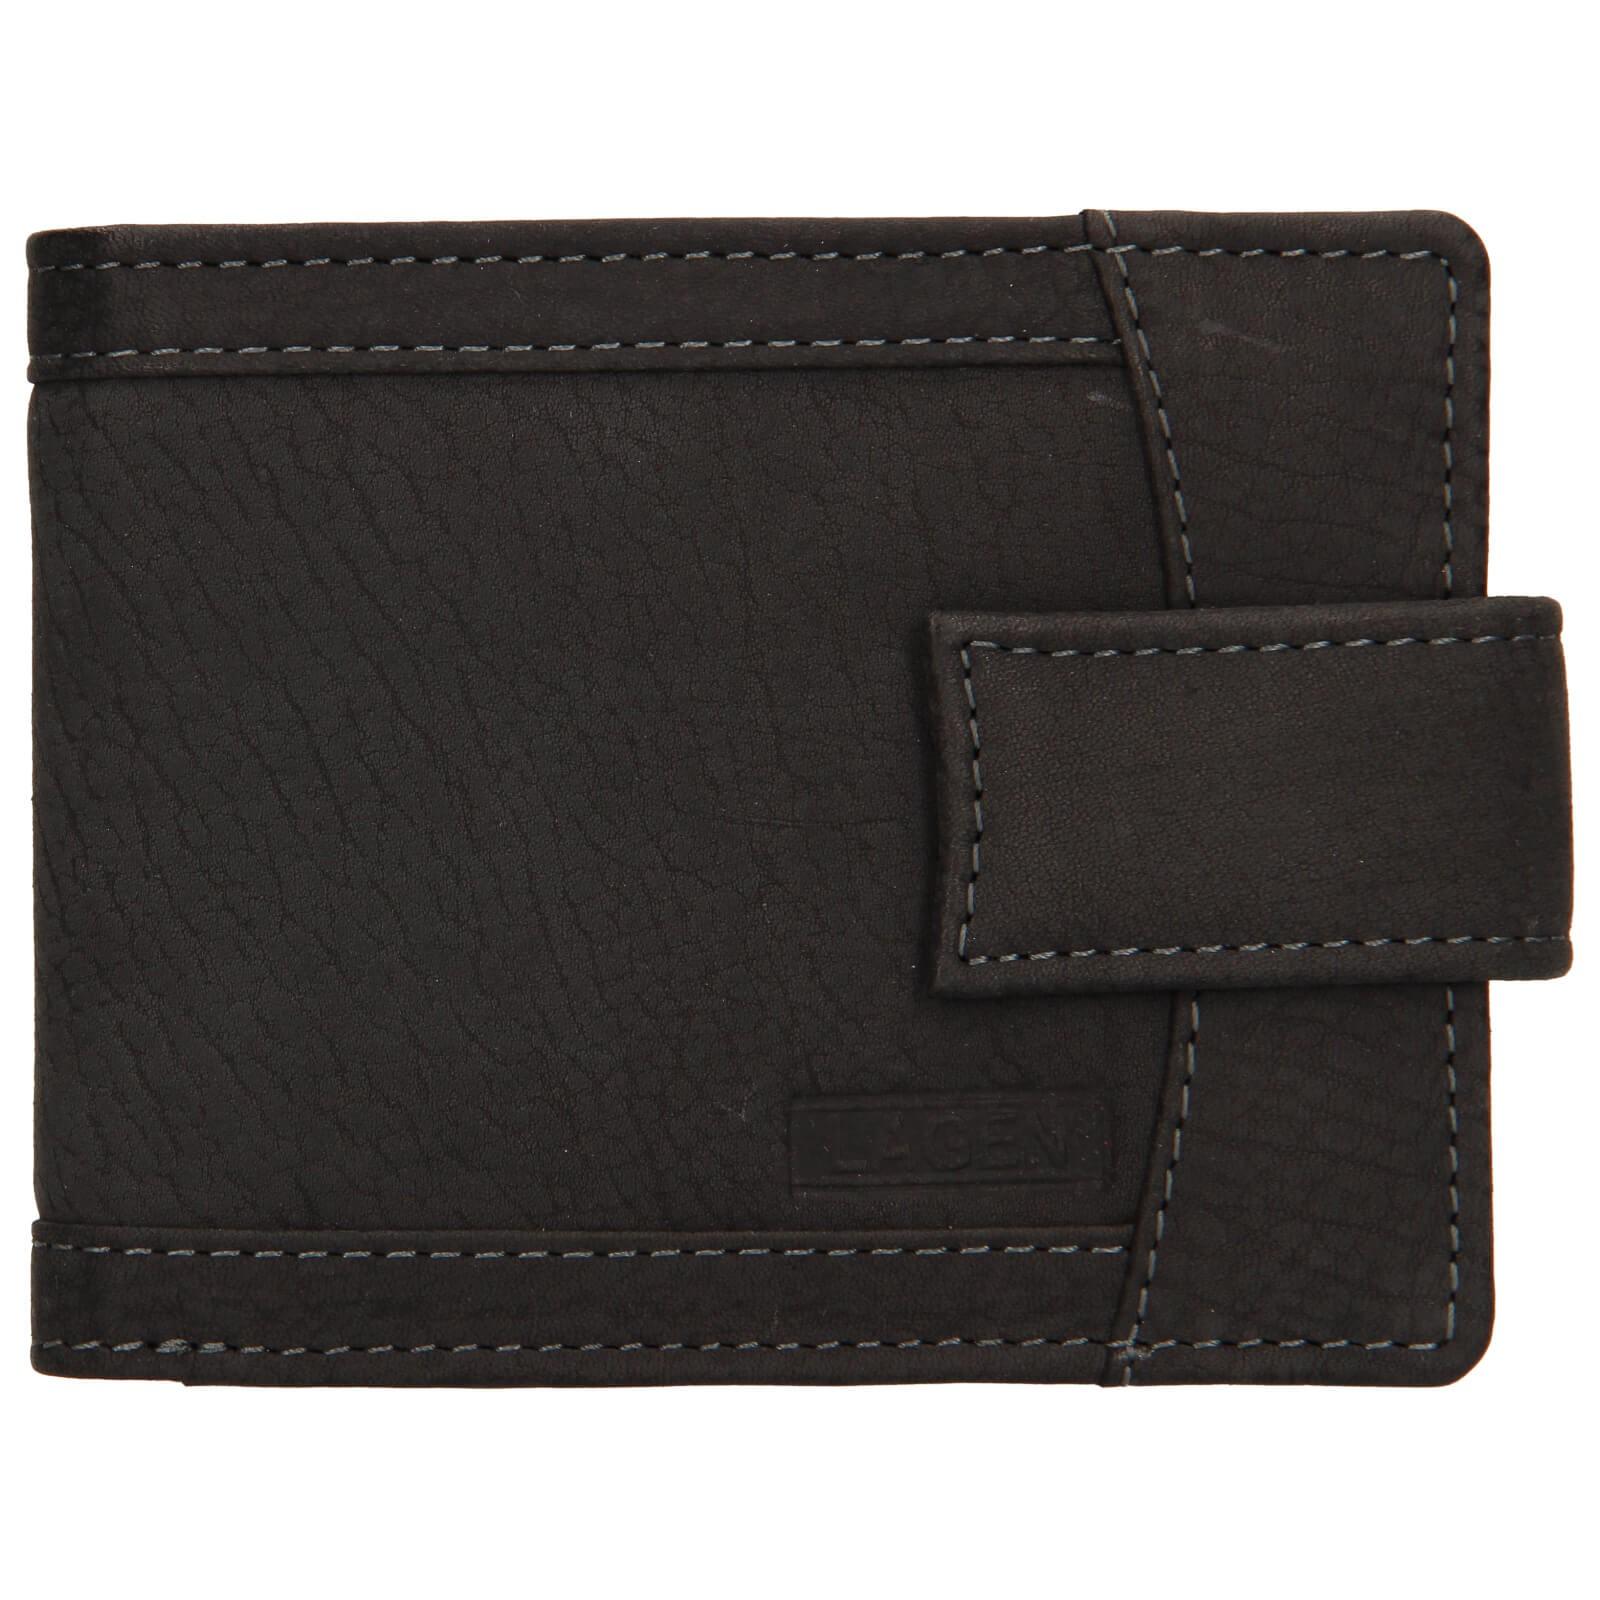 Pánska kožená peňaženka Lagen Jack - čierna